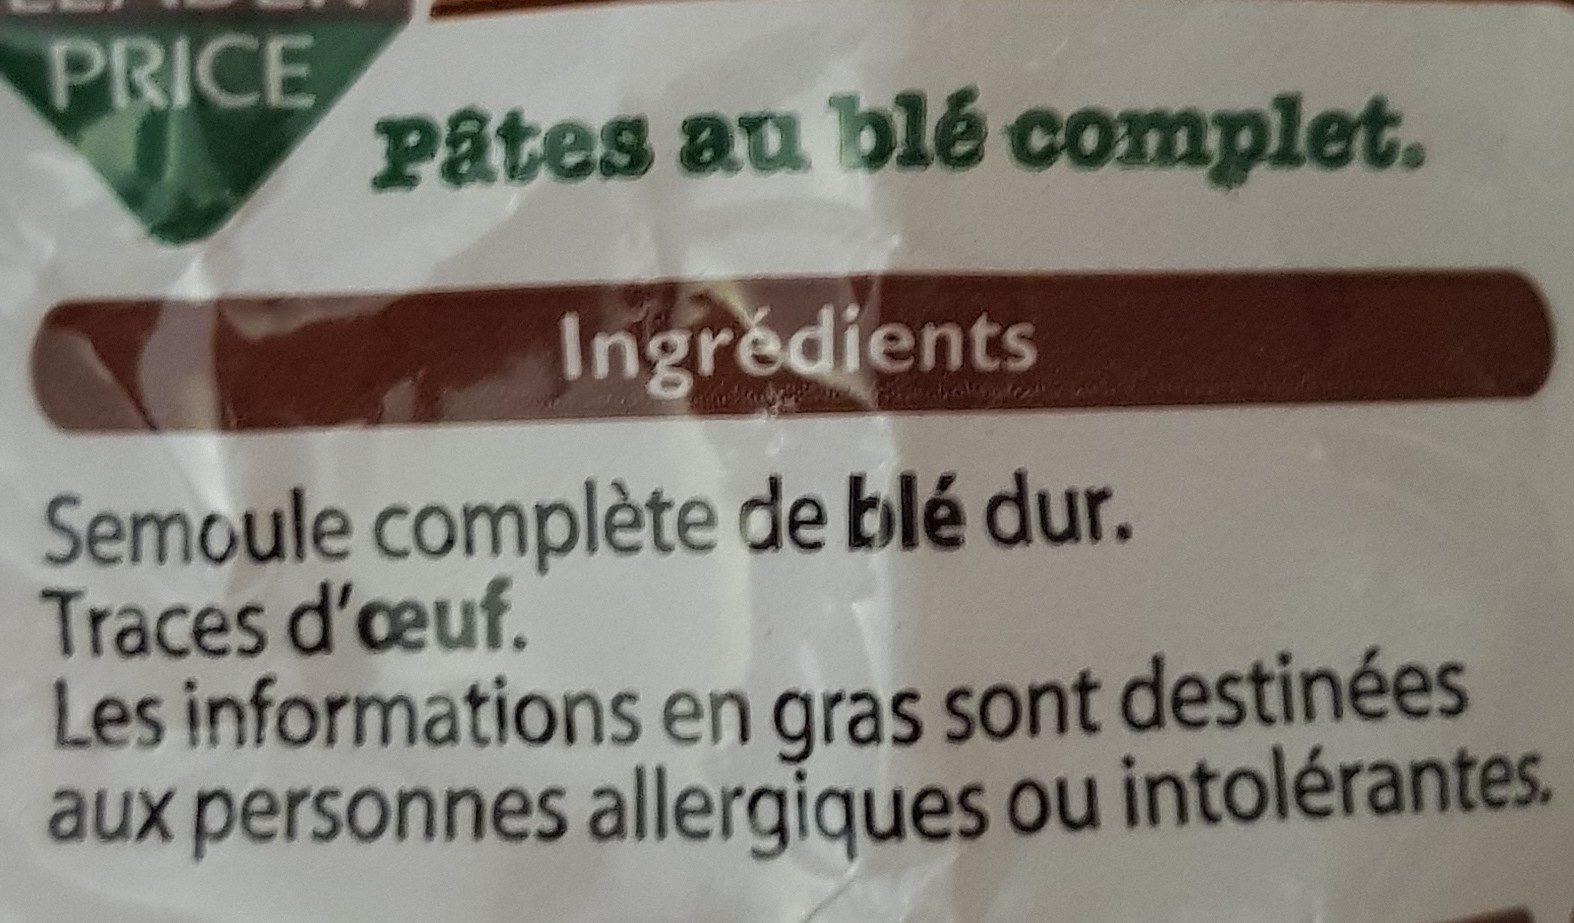 Fusilli au blé complet - Ingrédients - fr